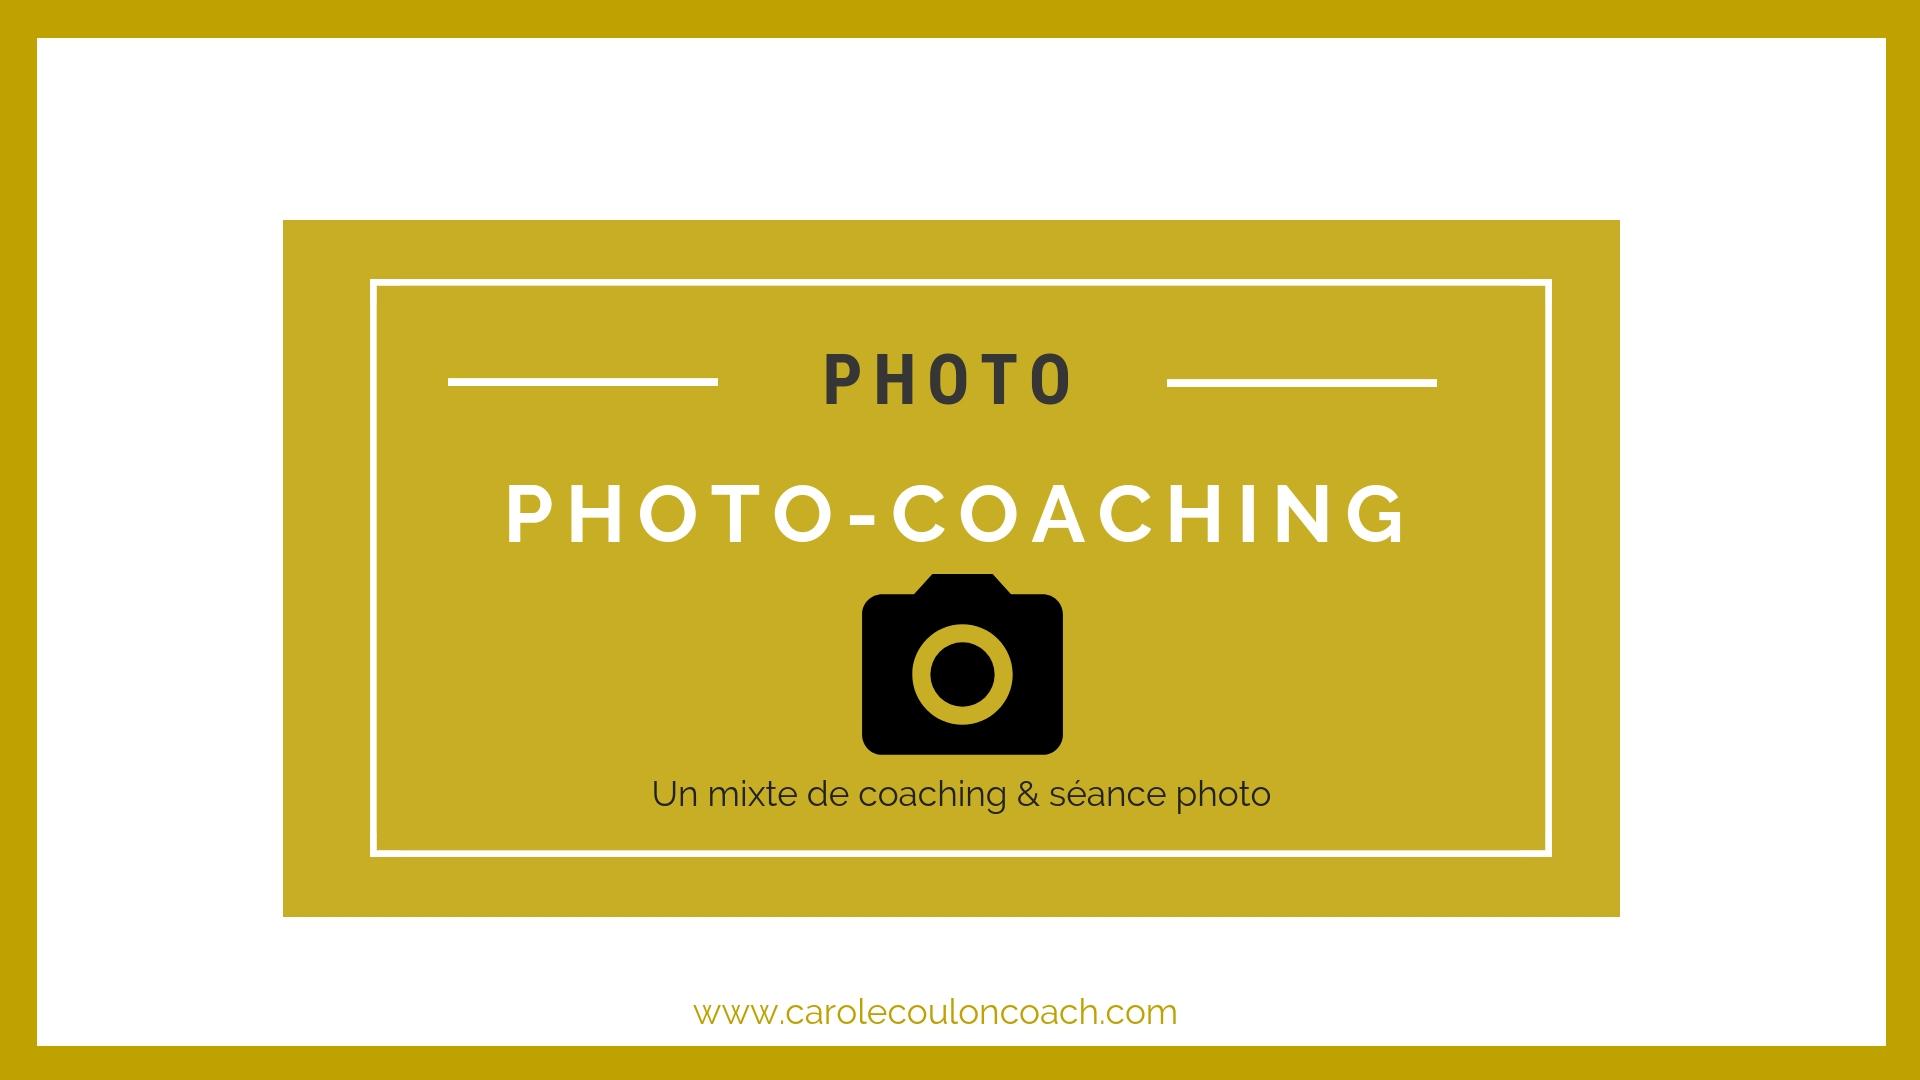 Le Photo-Coaching - Qu'est-ce?